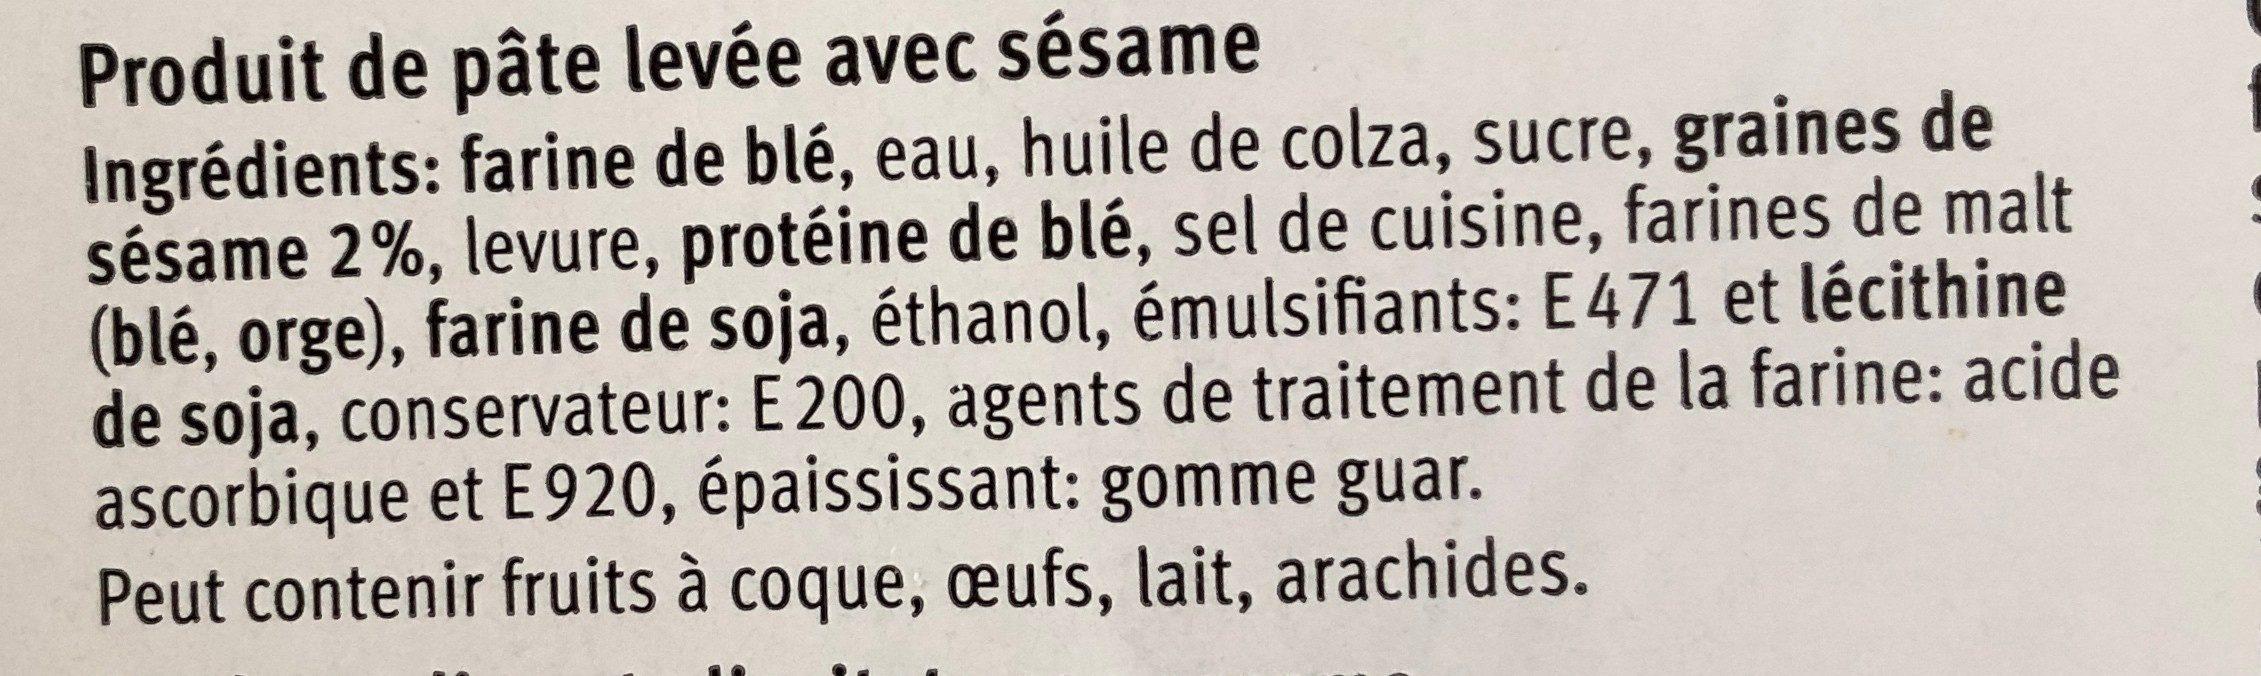 Bagel avec sésame - Ingrédients - fr